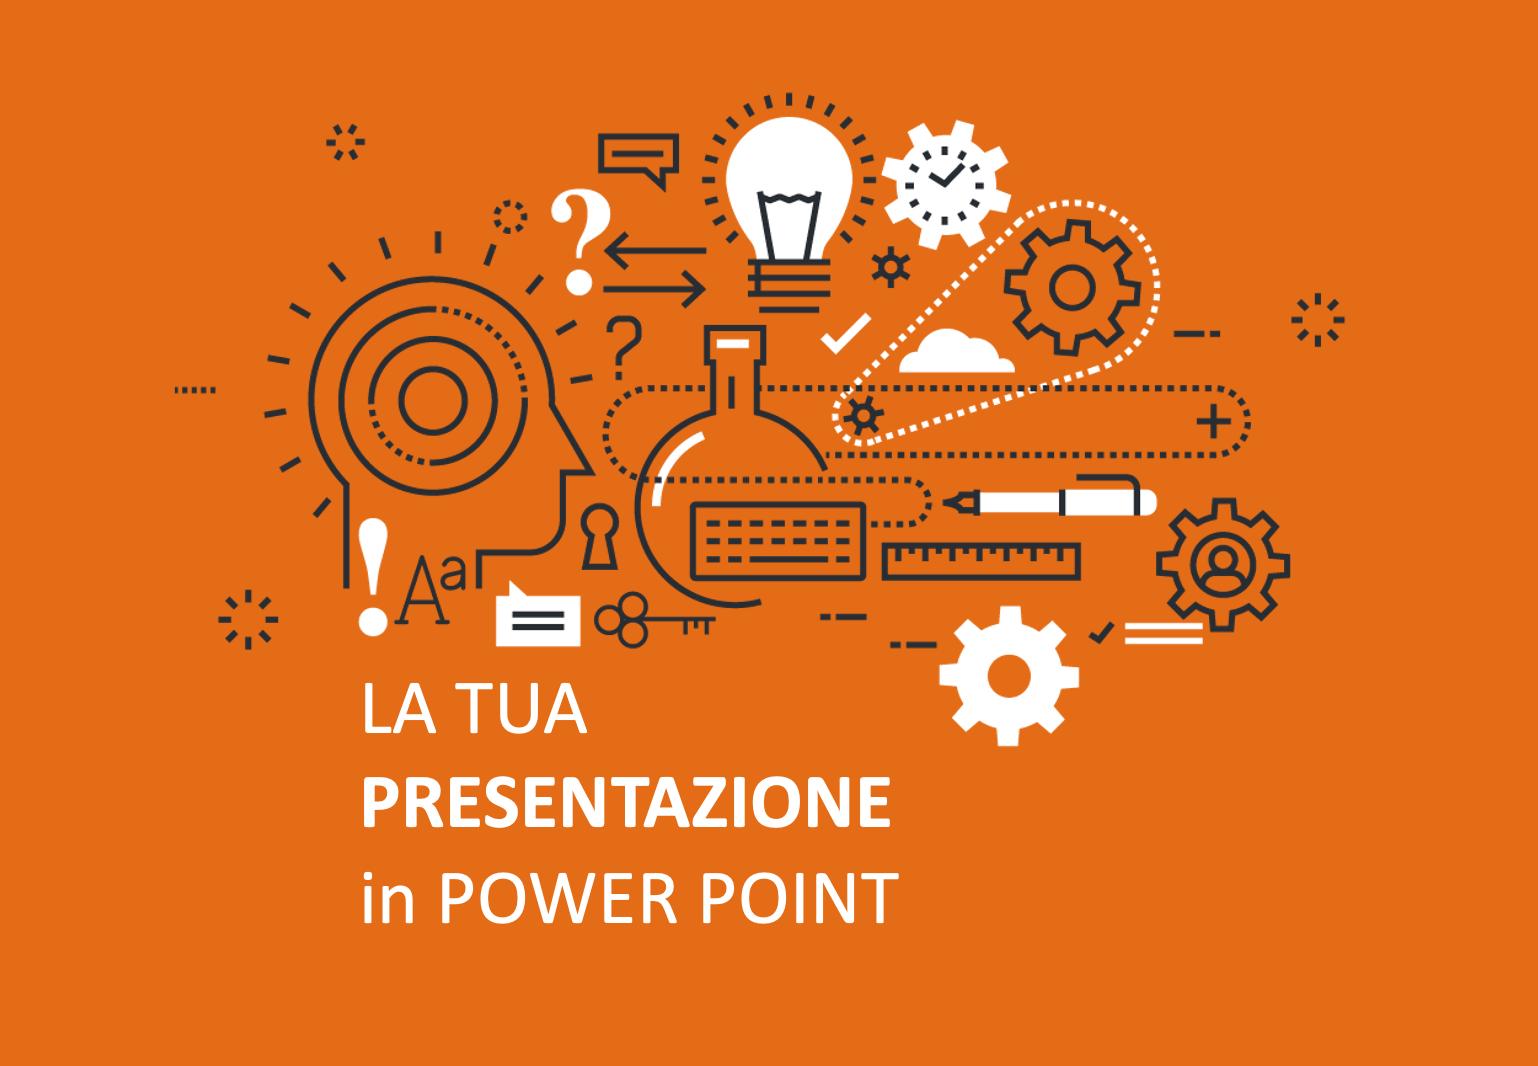 presentazione-efficace-template-arancio